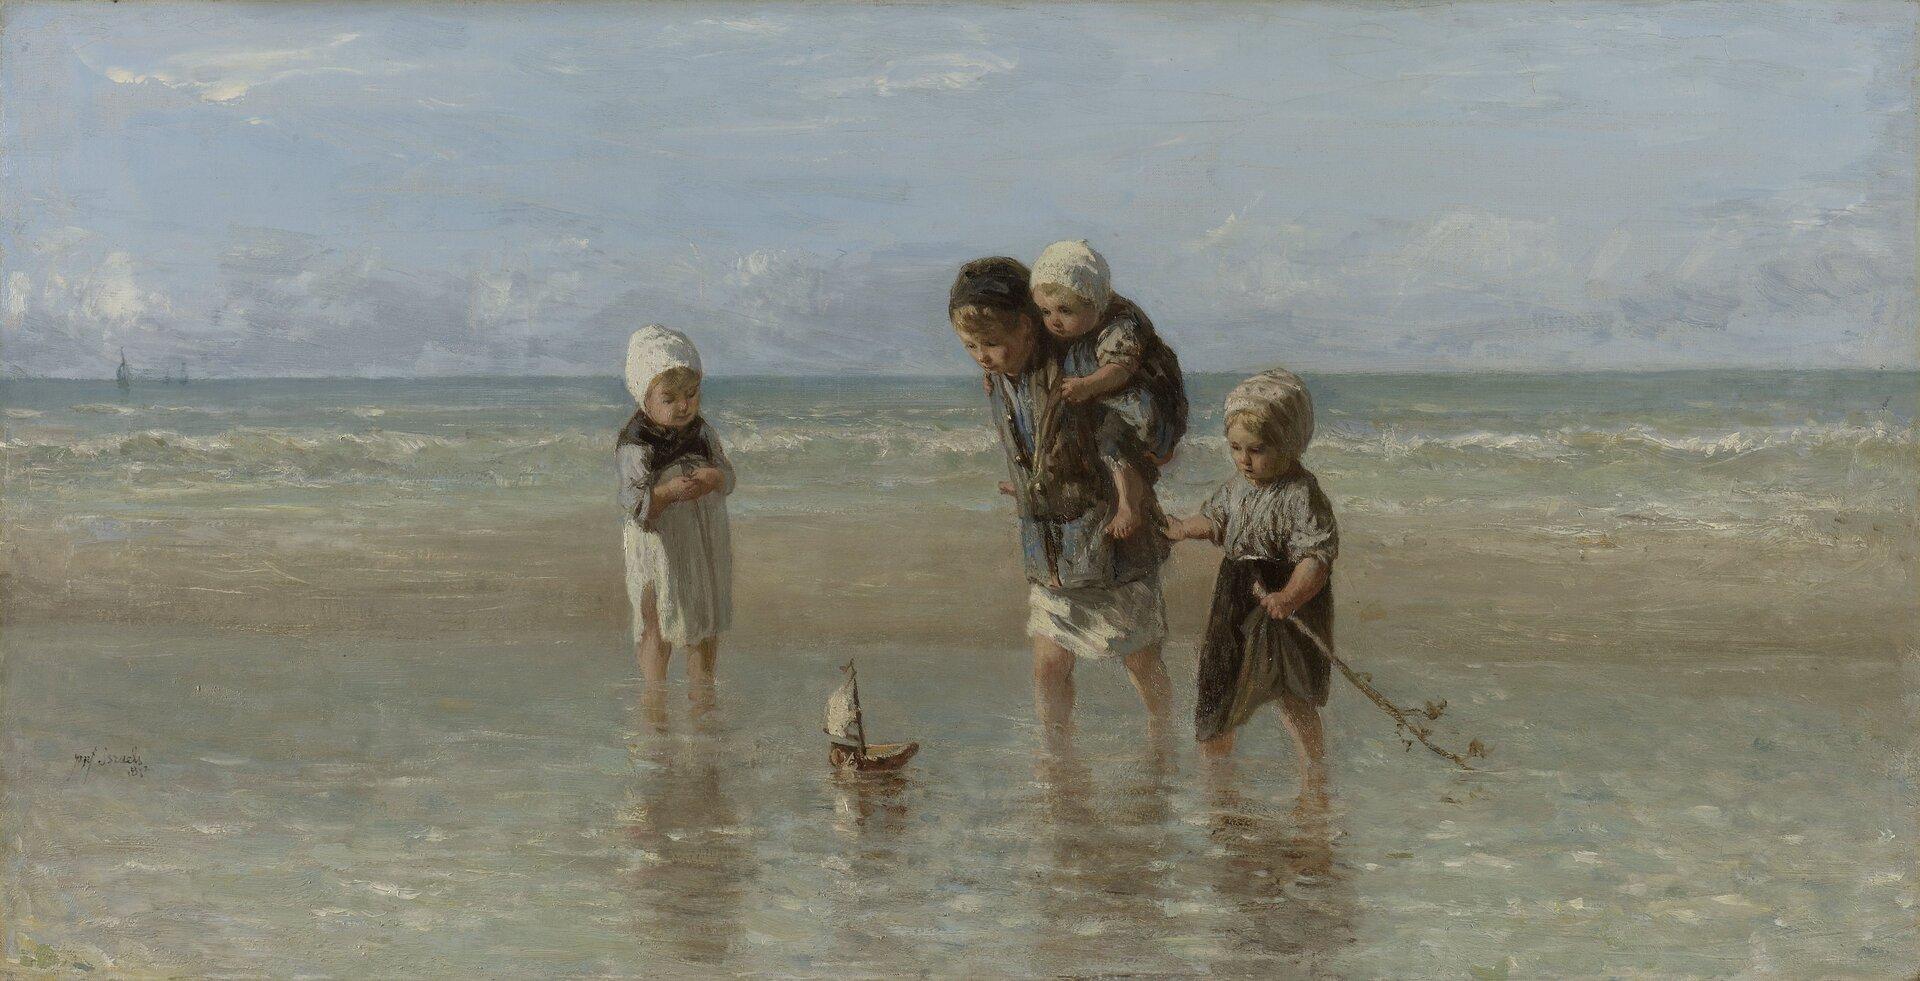 """Ilustracja przedstawia obraz Jozef Israëls pt. """"Dzieci morza"""". Dzieło przedstawia grupę dzieci beztrosko się bawiących się statkiem nad brzegiem morzem. Dzieci mają na sobie stare odrapane ubrania, ana głowach założone chusty. Najstarszy chłopiec dźwiga najmniejszego członka rodziny na ramionach. Wtle widoczne jest falujące morze. Wdziele przeważają odcienie oliwkowe praz błękitu."""